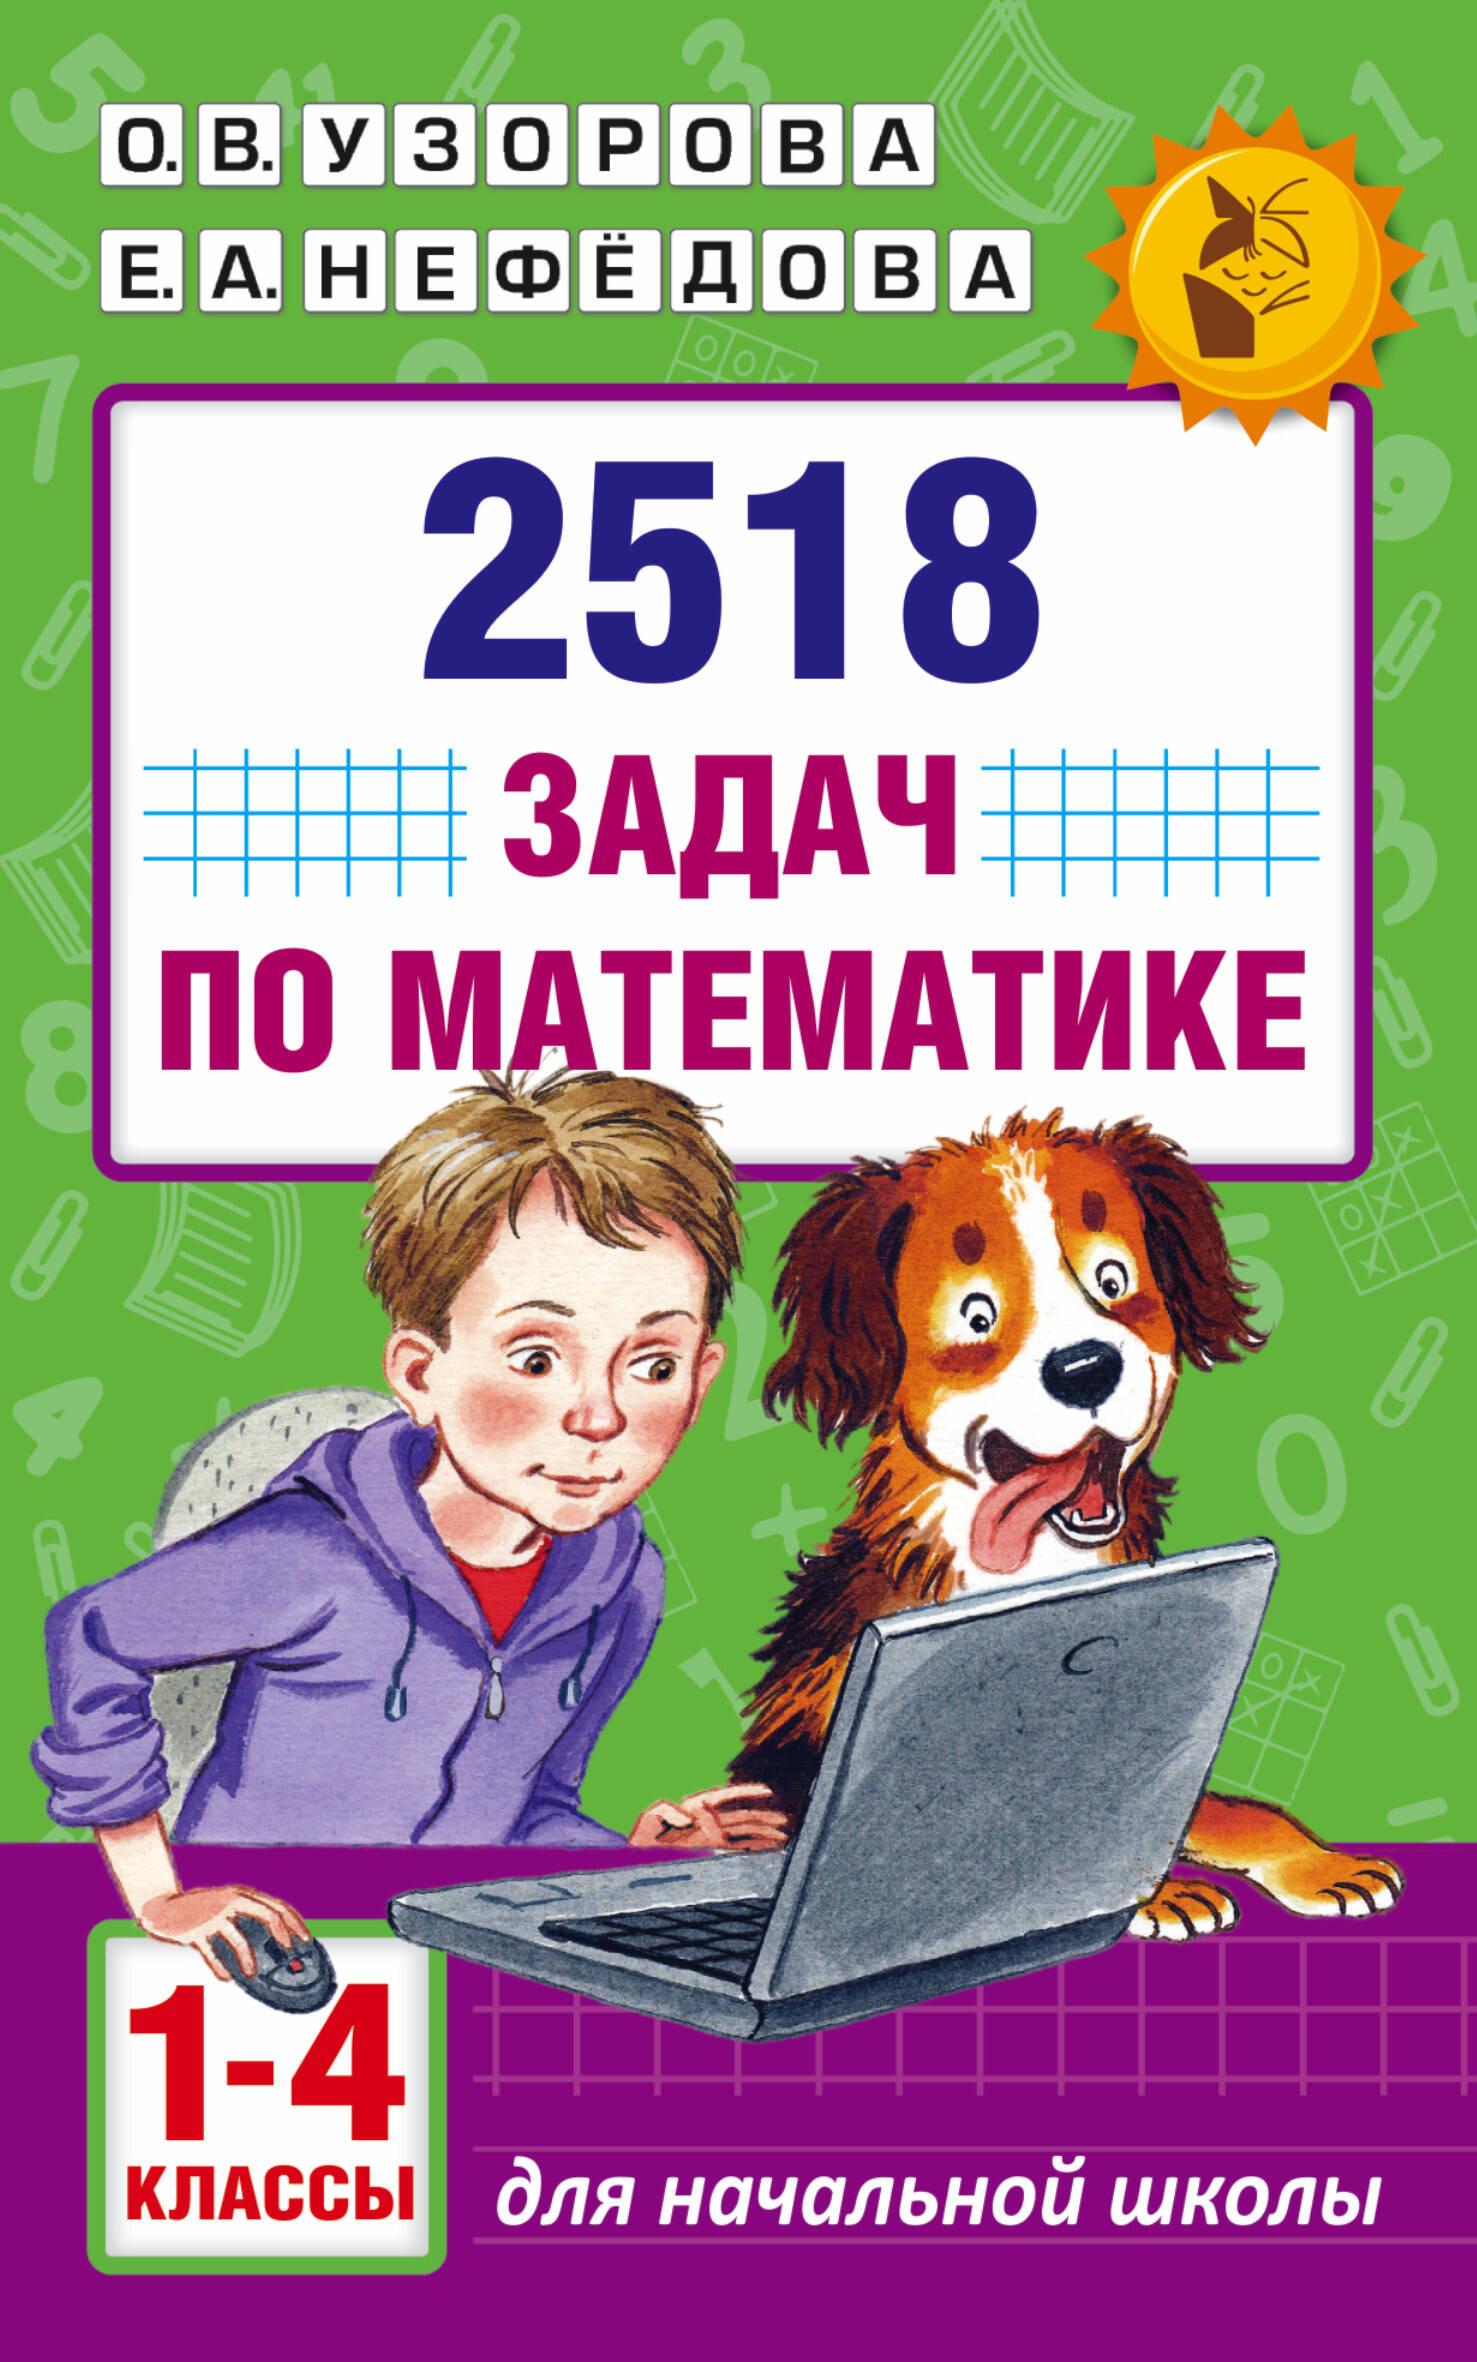 По задачник 2 математики класс